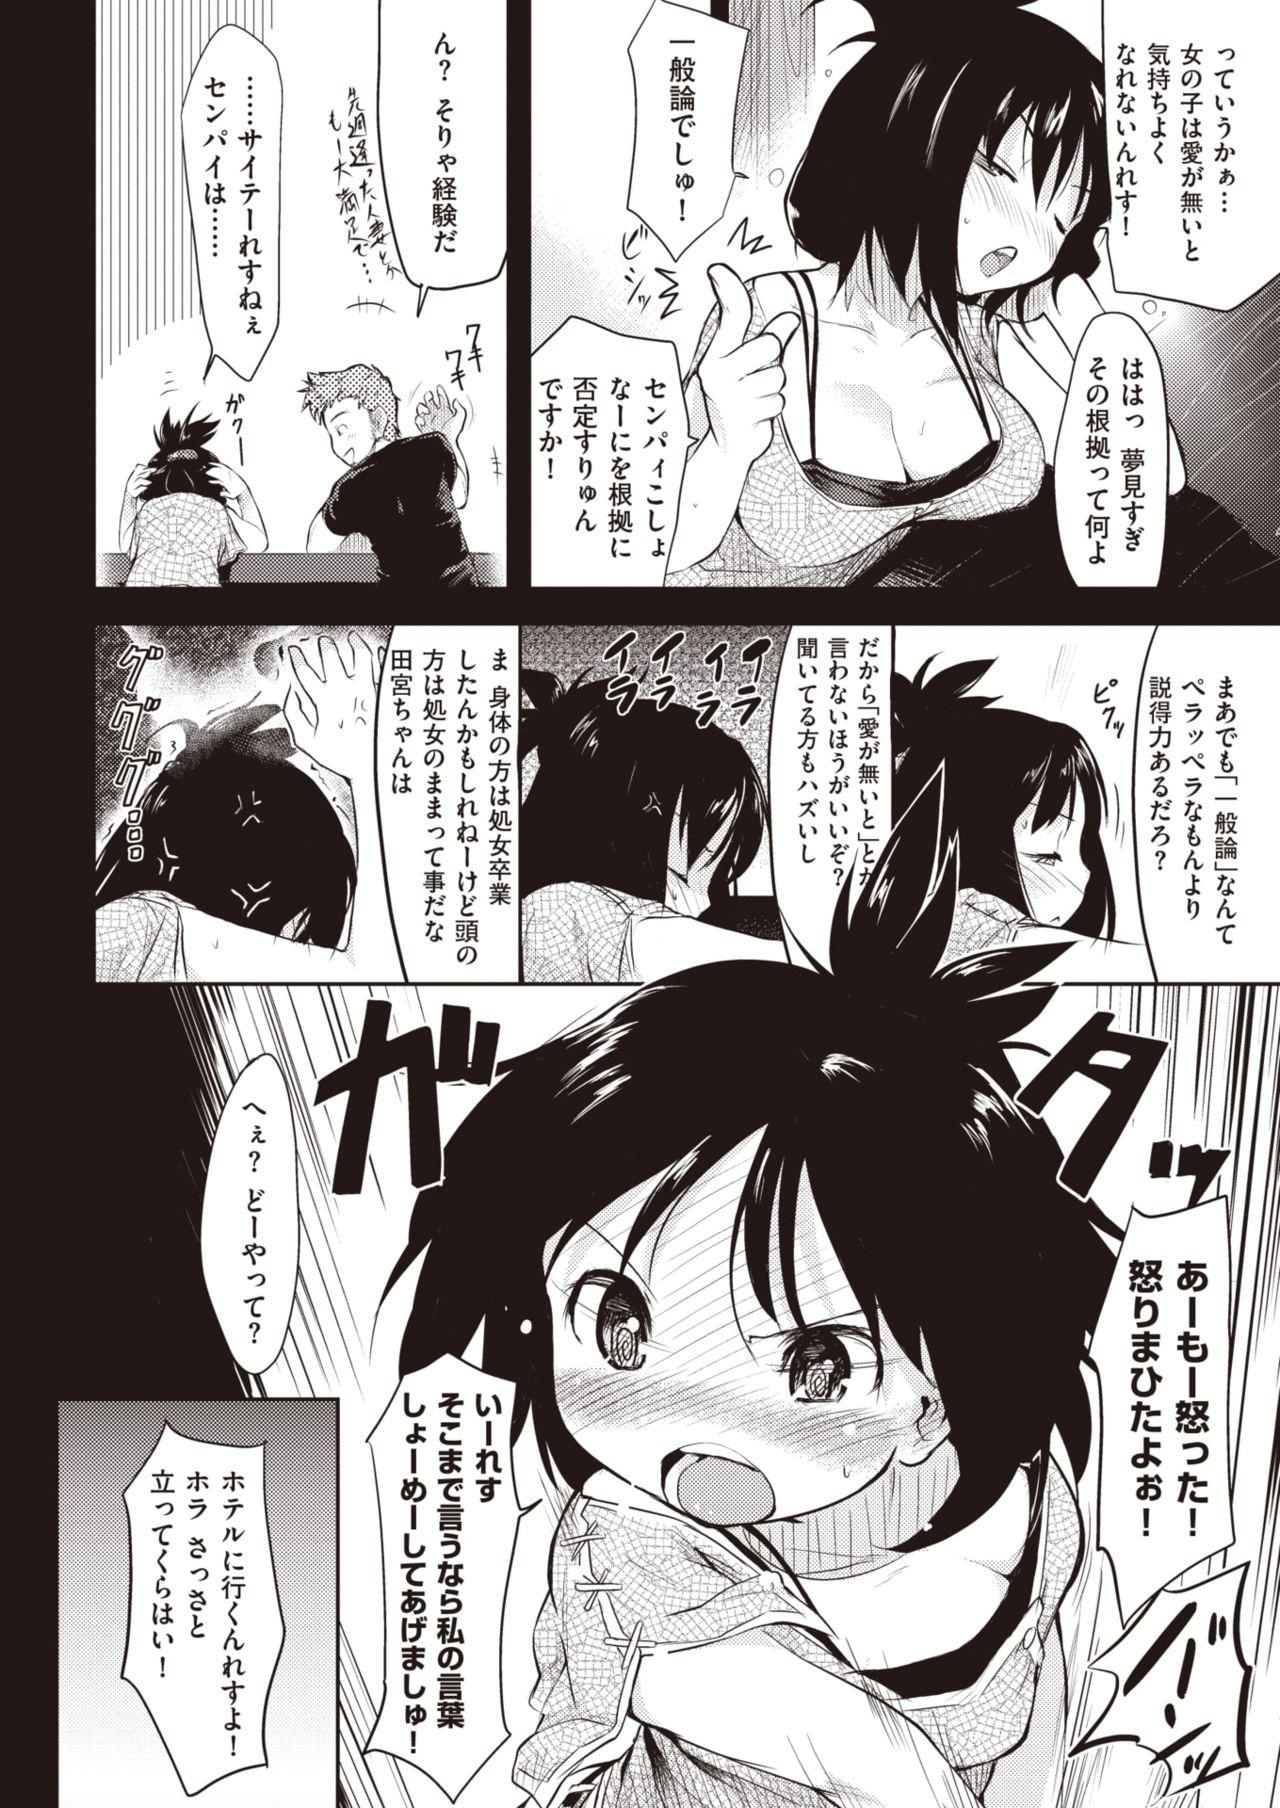 COMIC Kairakuten 25 Shuunen kinen tokubetsugou 222